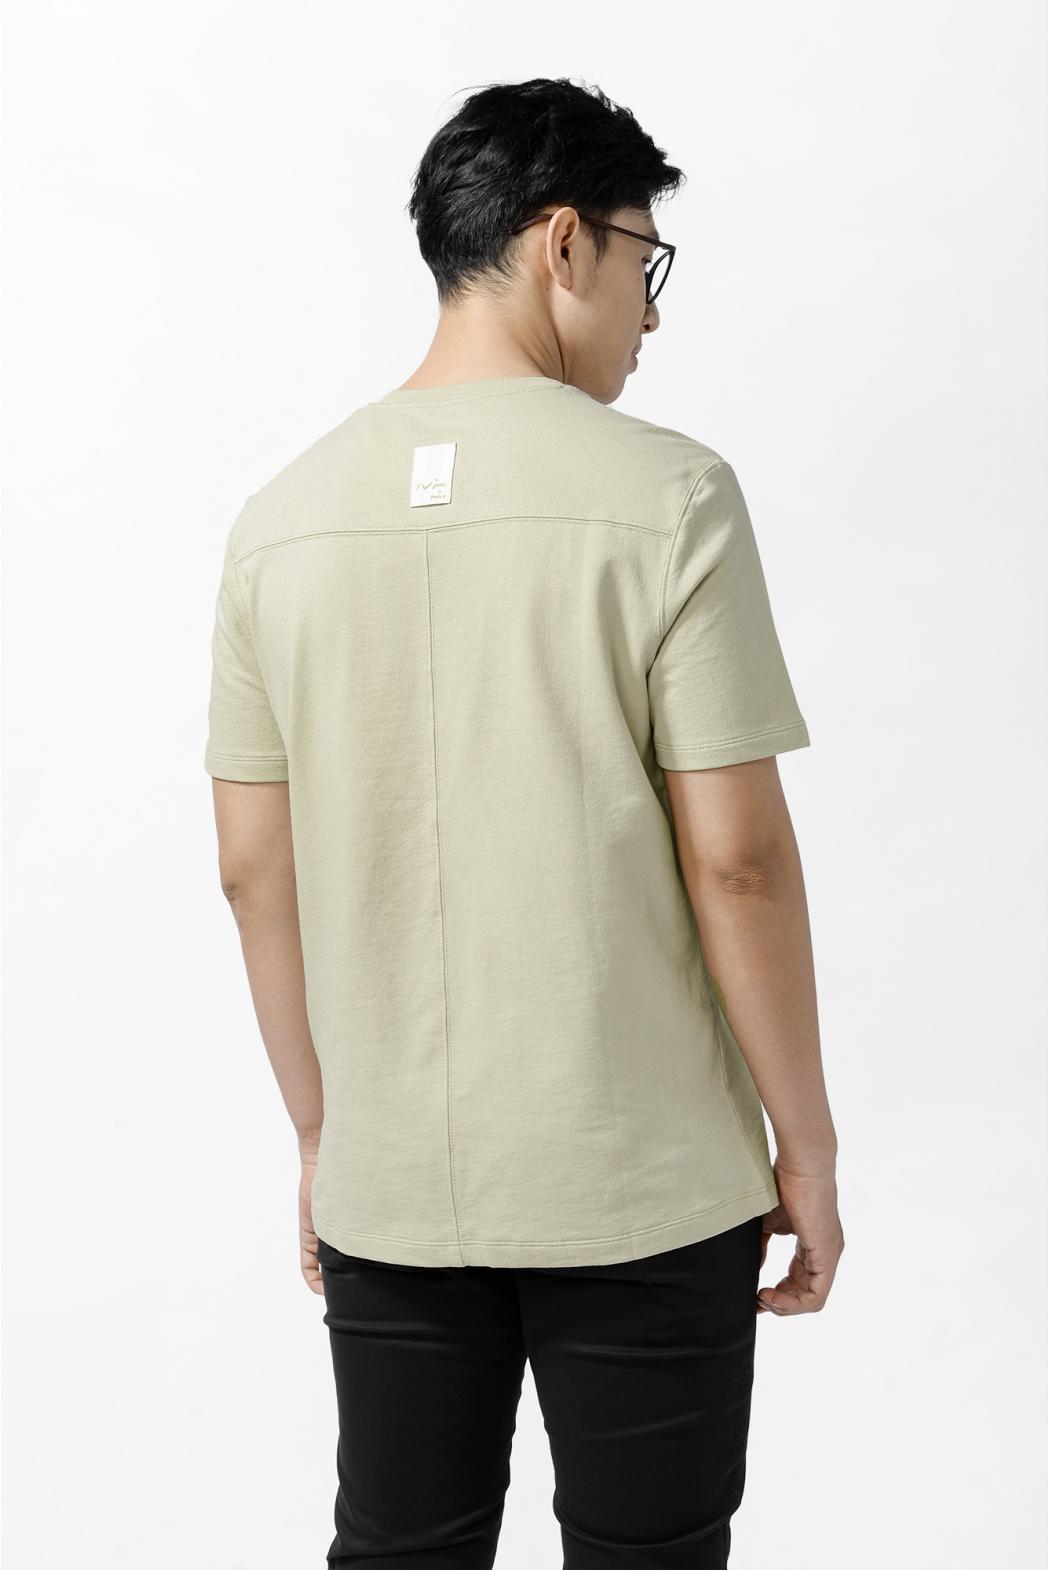 Áo thun tay ngắn, rã thân trước. REGULAR form - 10S21TSH008